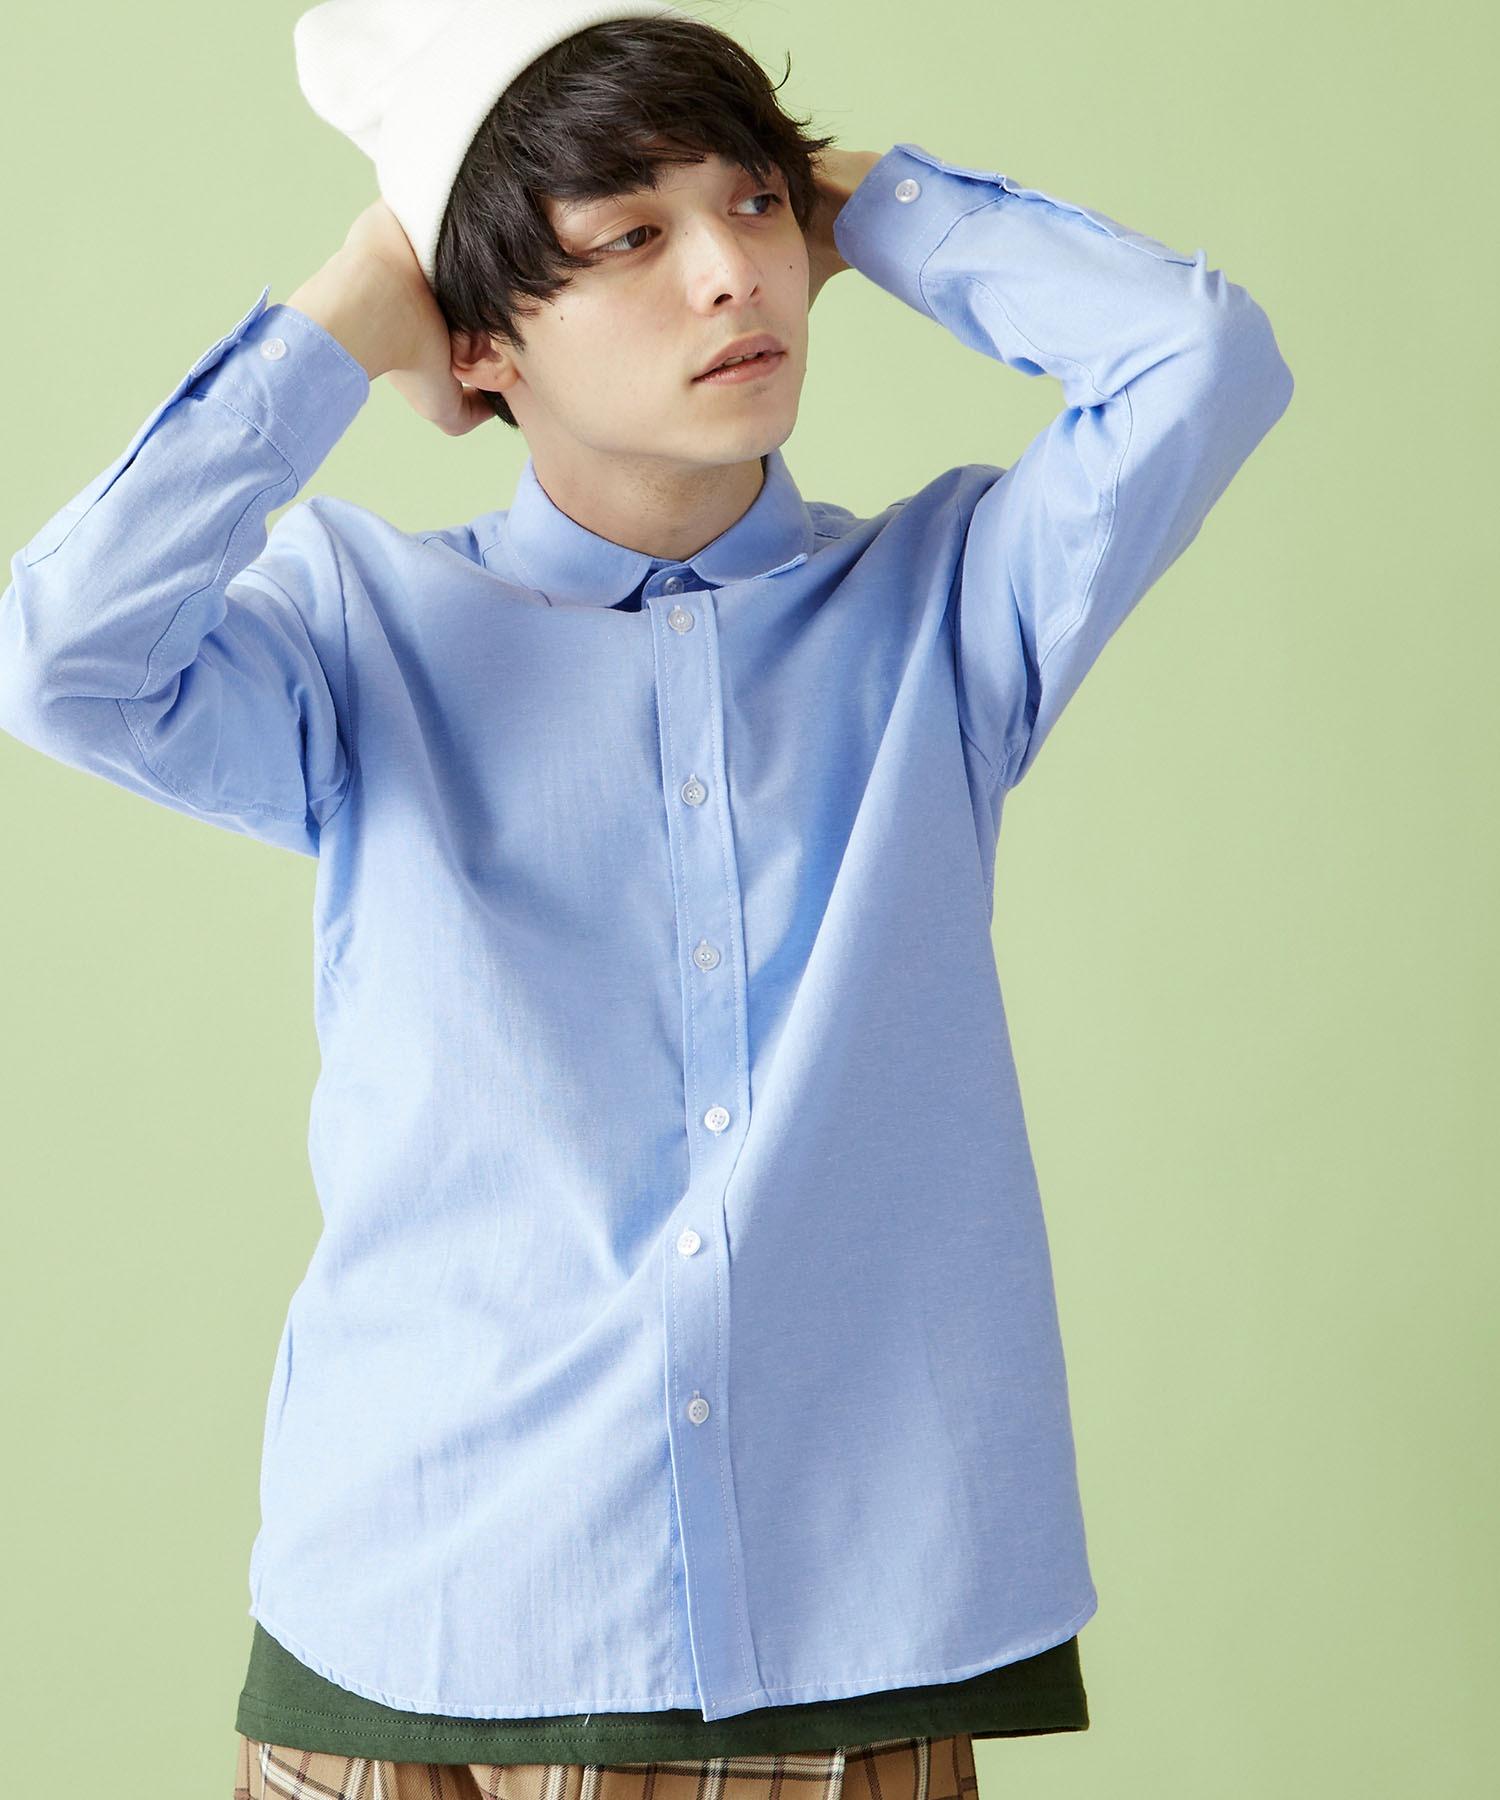 オックスフォードレギュラーカラーシャツ L/S